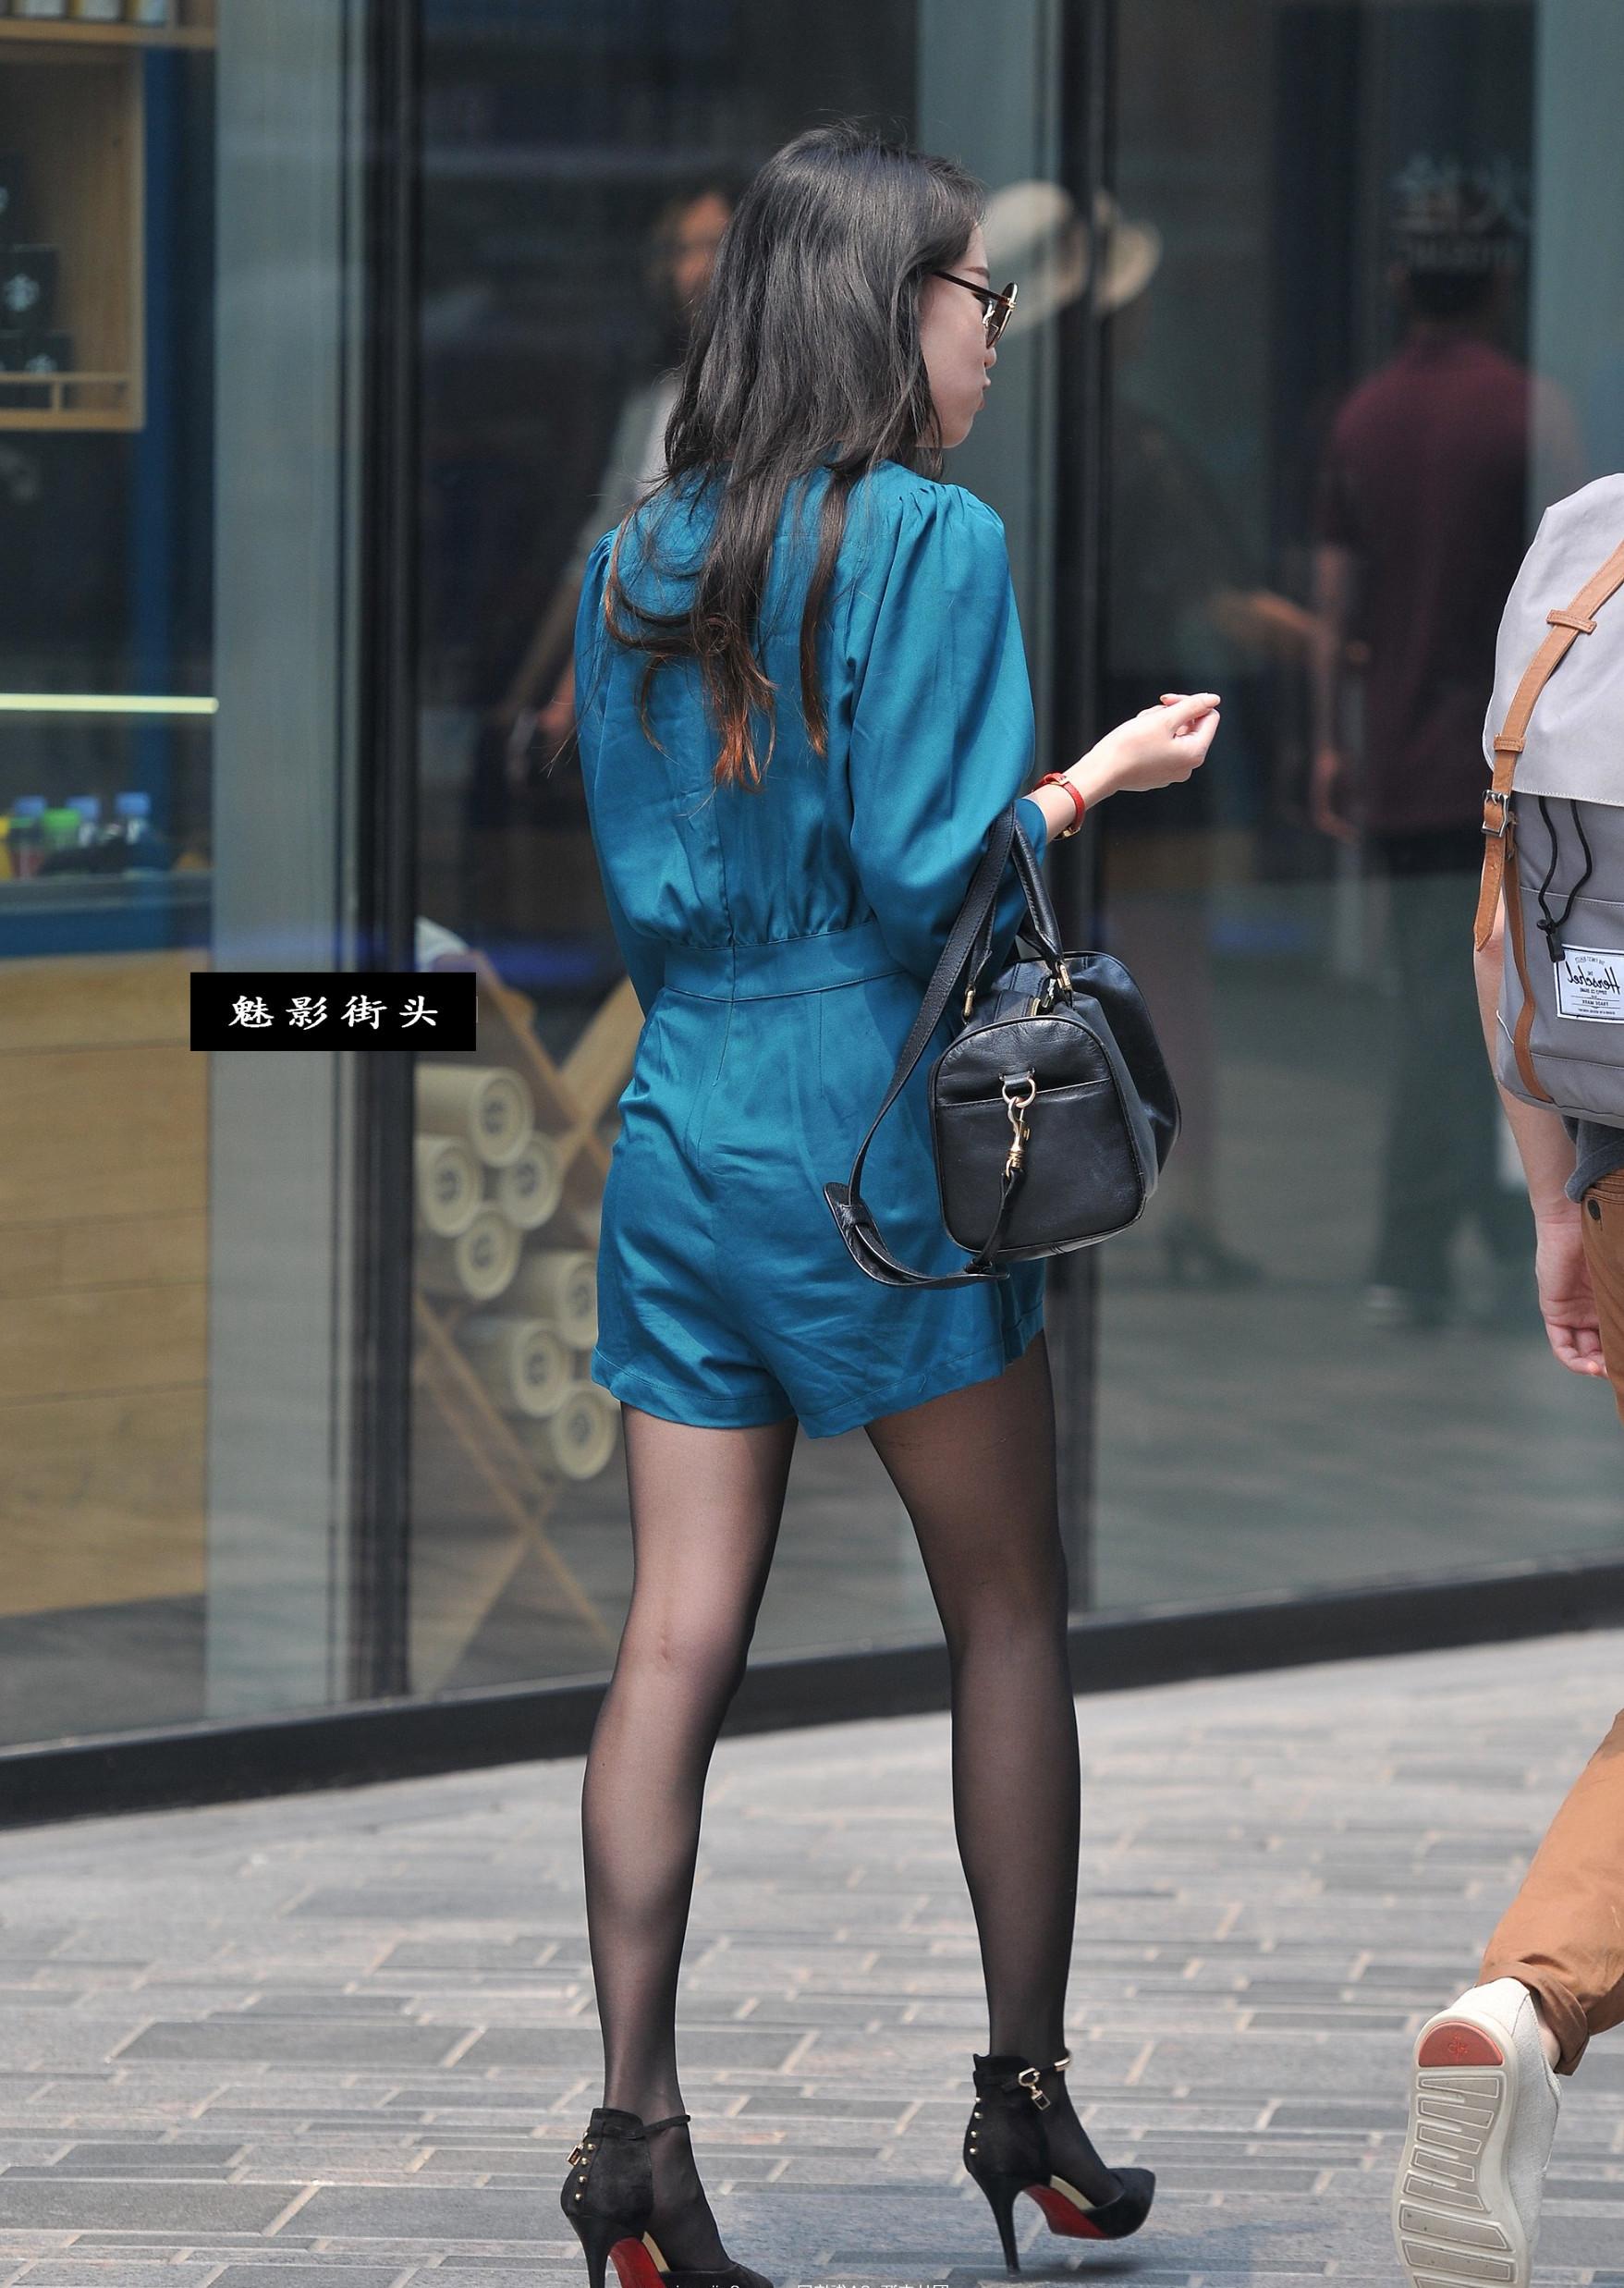 美女非常会打扮,尖头高跟鞋配上黑色丝袜穿出一双修长美腿_搜狐时尚_搜狐网